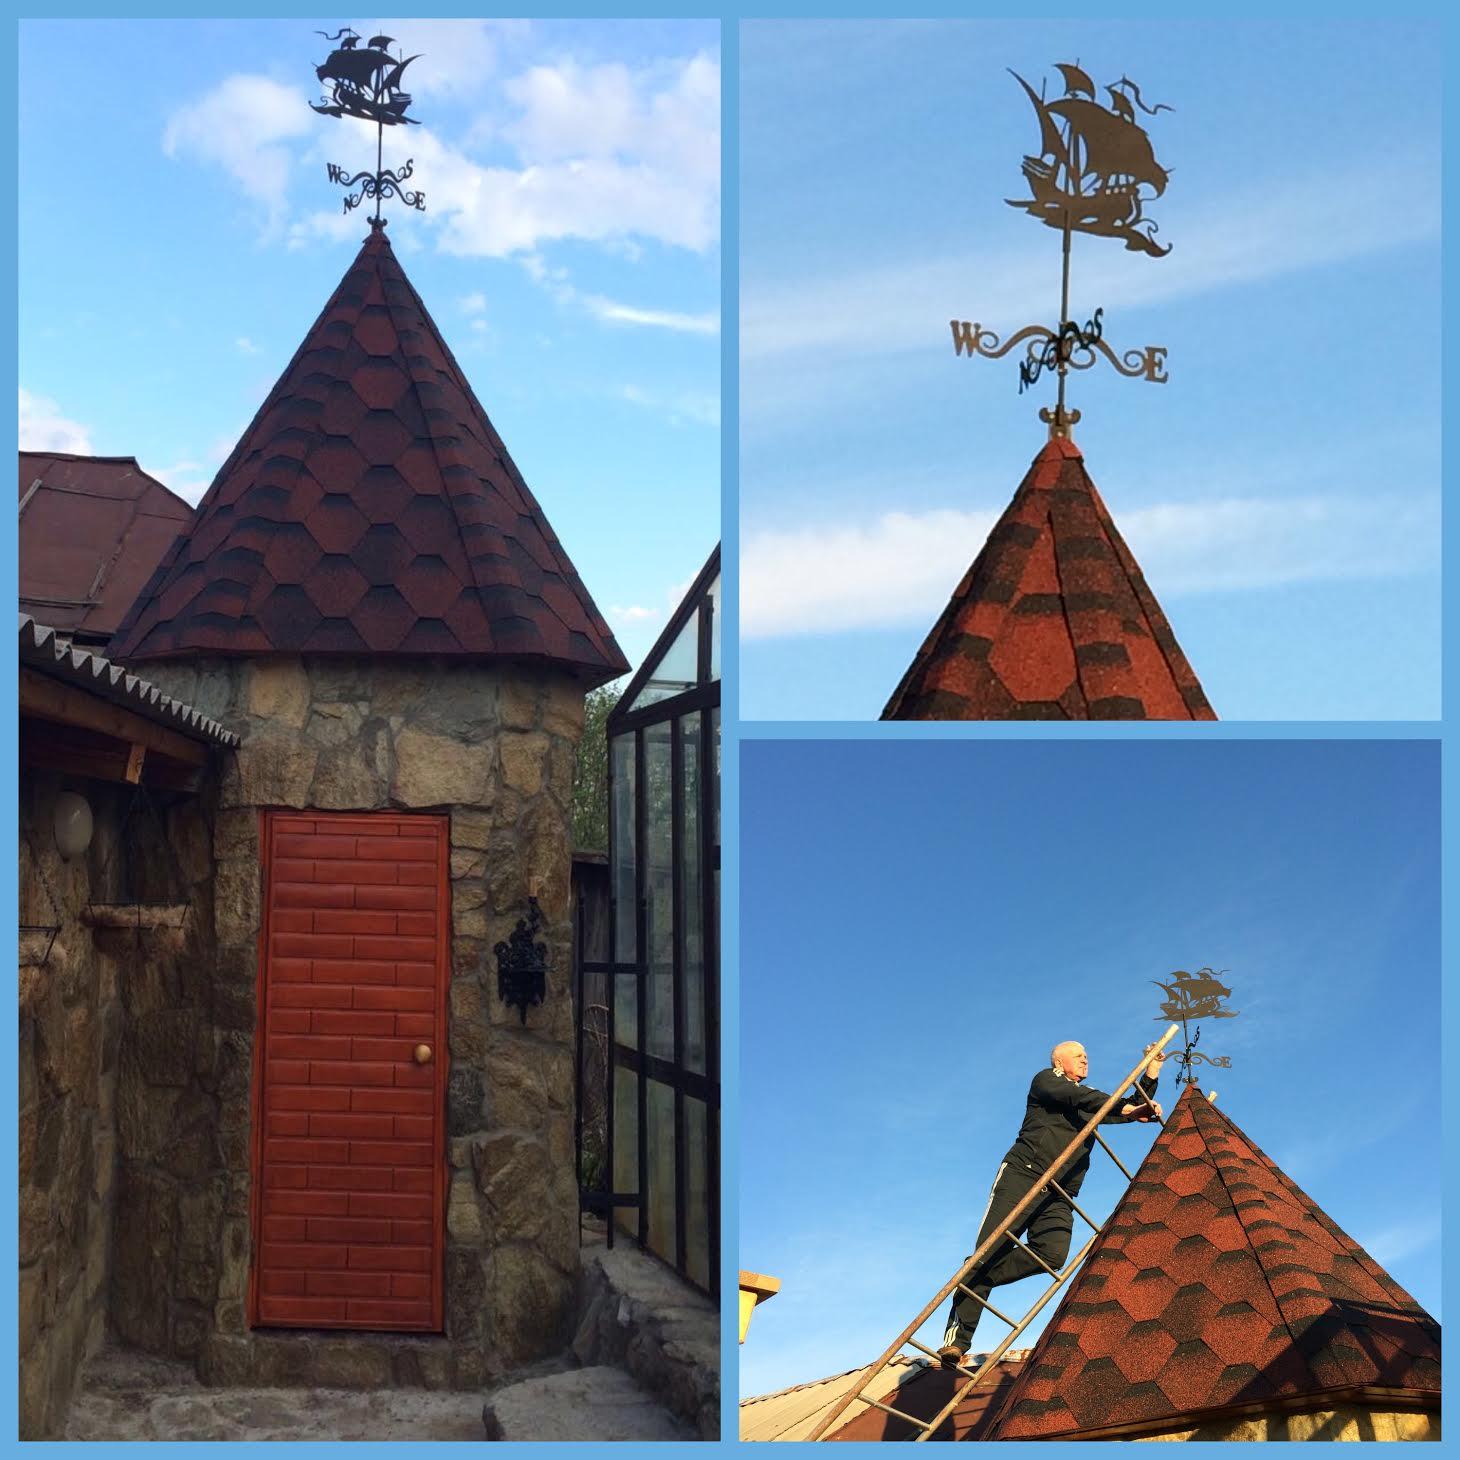 фотографии флюгеров на крышу